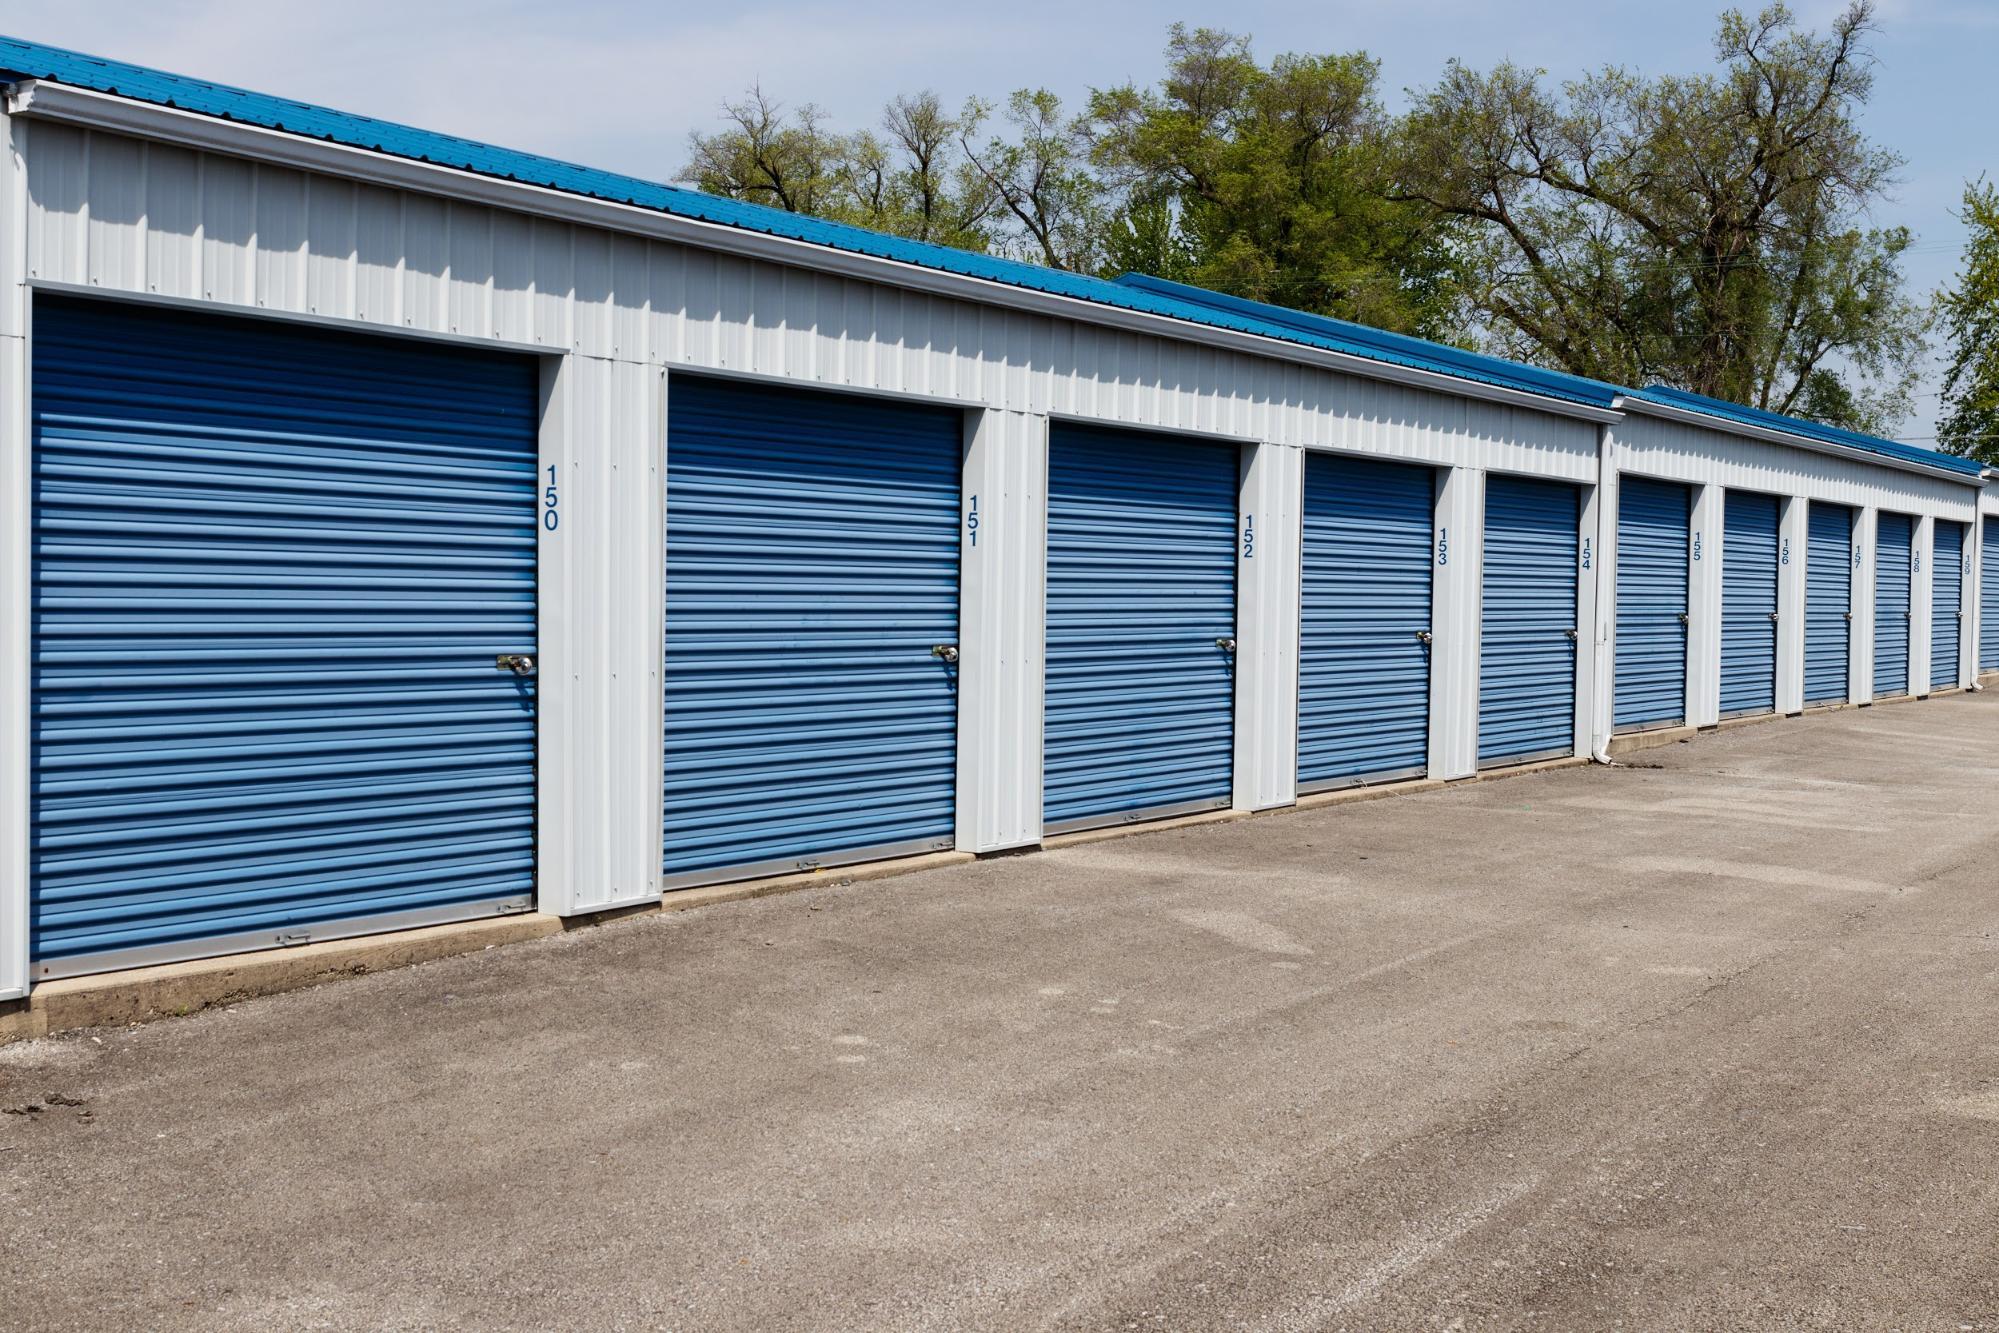 Blue Self Storage Units | World Insurance